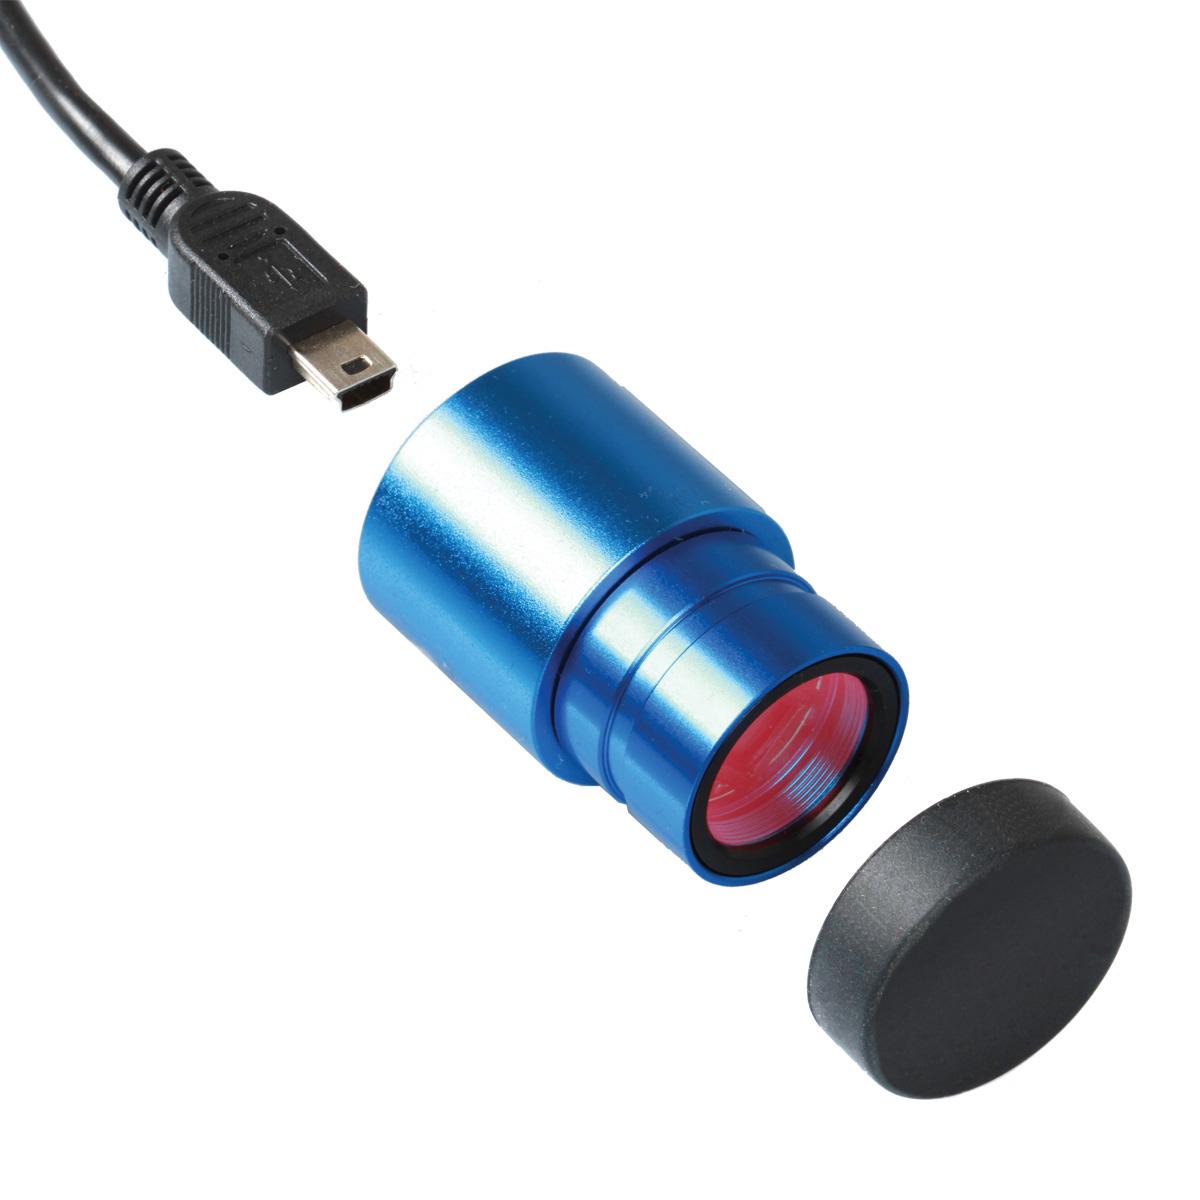 Kamera mikroskopowa Delta Optical DLT-Cam Basic 2 MP